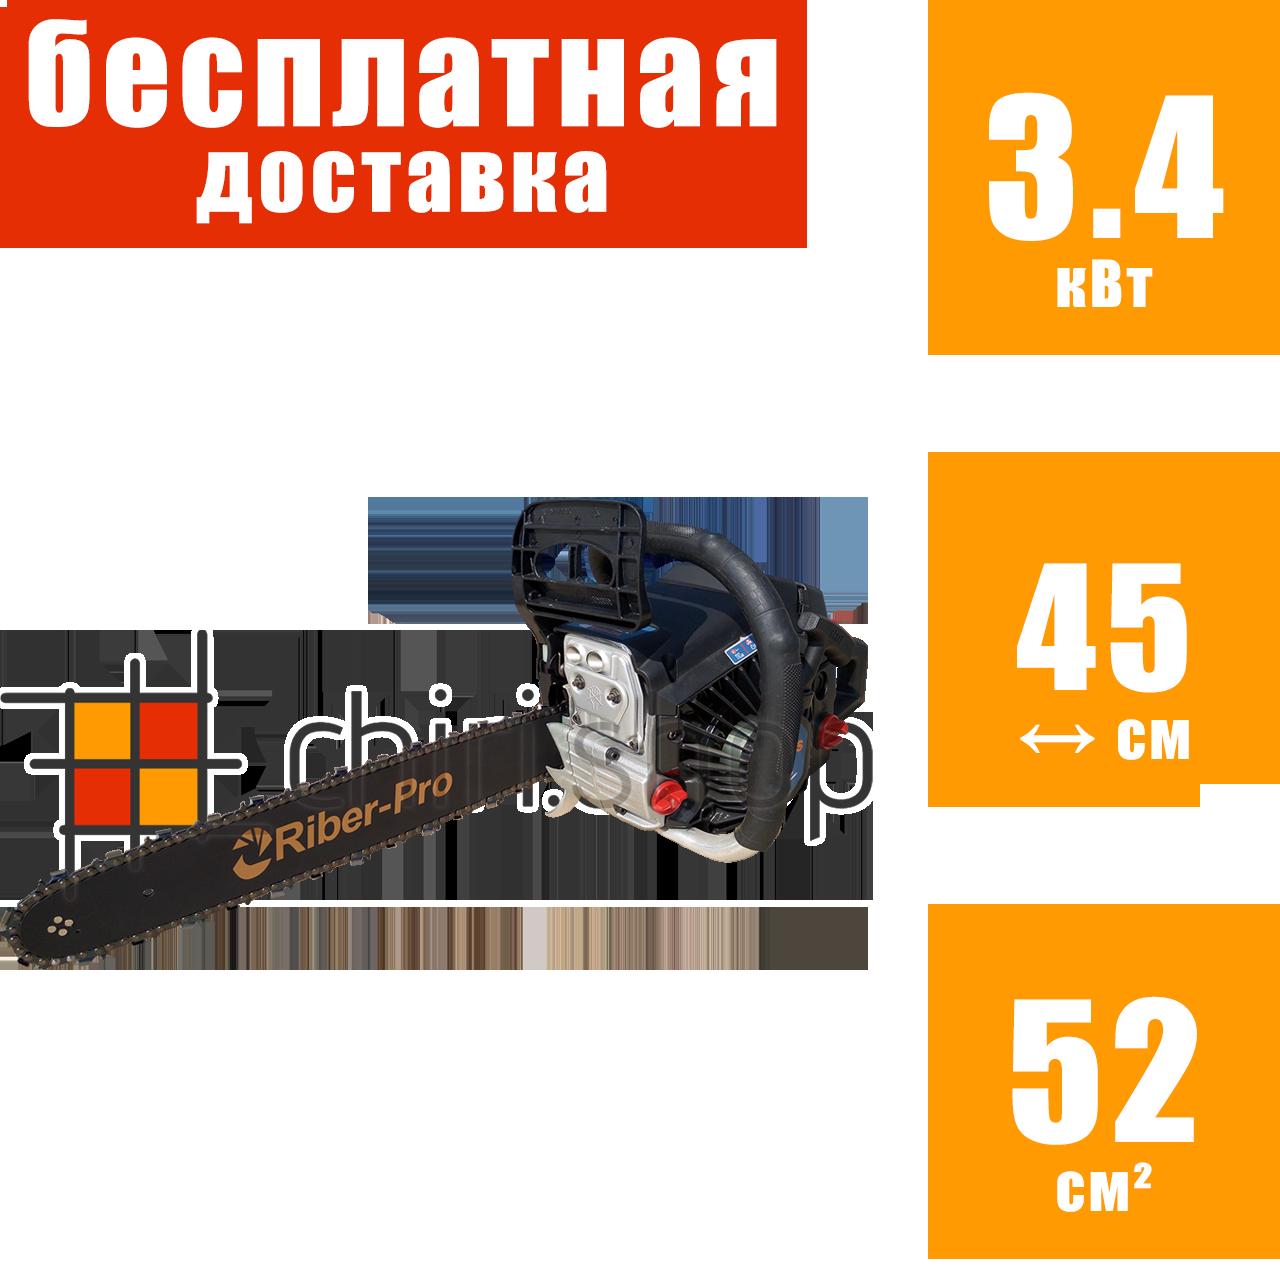 Бензопила цепная Riber MZ59YS 3.4 кВт, шина 45 см, 52 см² пила цепная бензиновая мотопила для дома, бензо пила